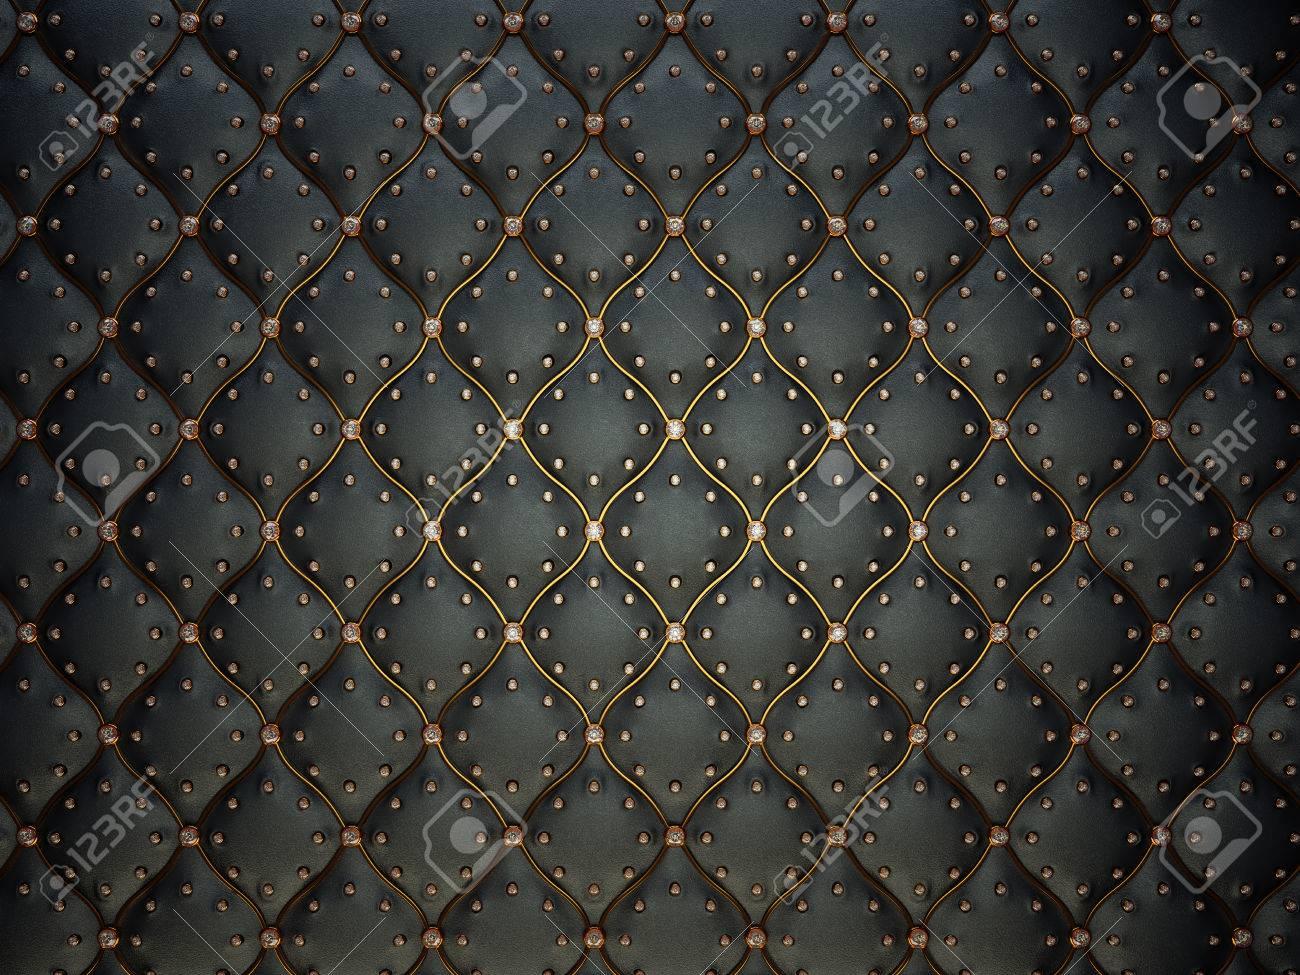 Schwarzes Leder-Muster Mit Goldenen Draht Und Perlen. Stieß ...